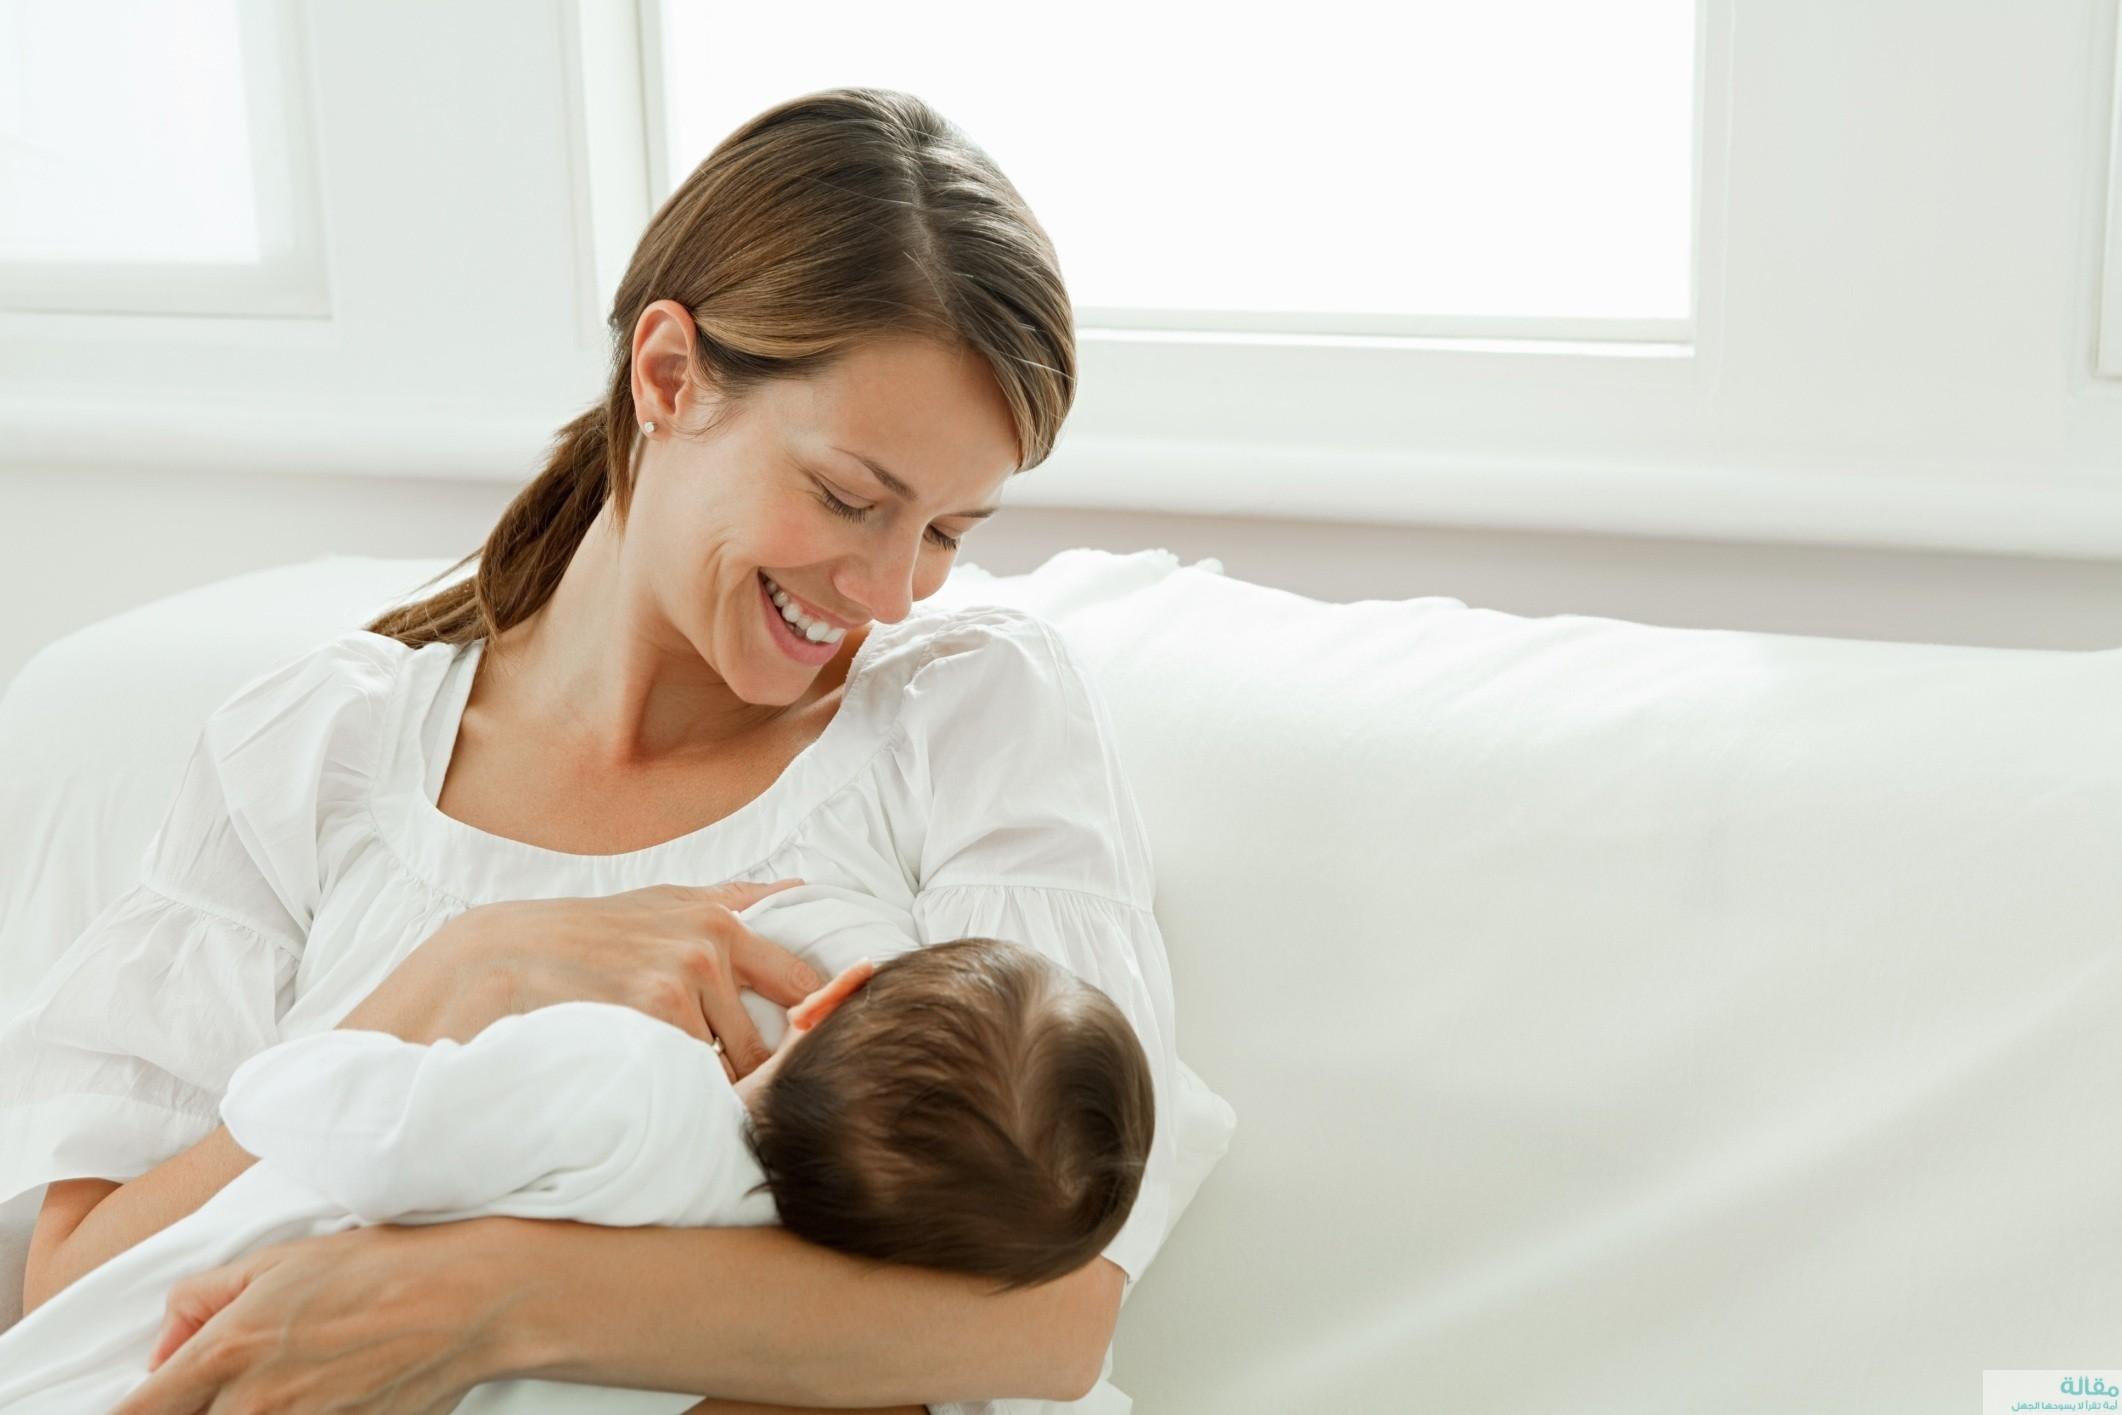 اسباب رفض الطفل الرضاعة الطبيعية